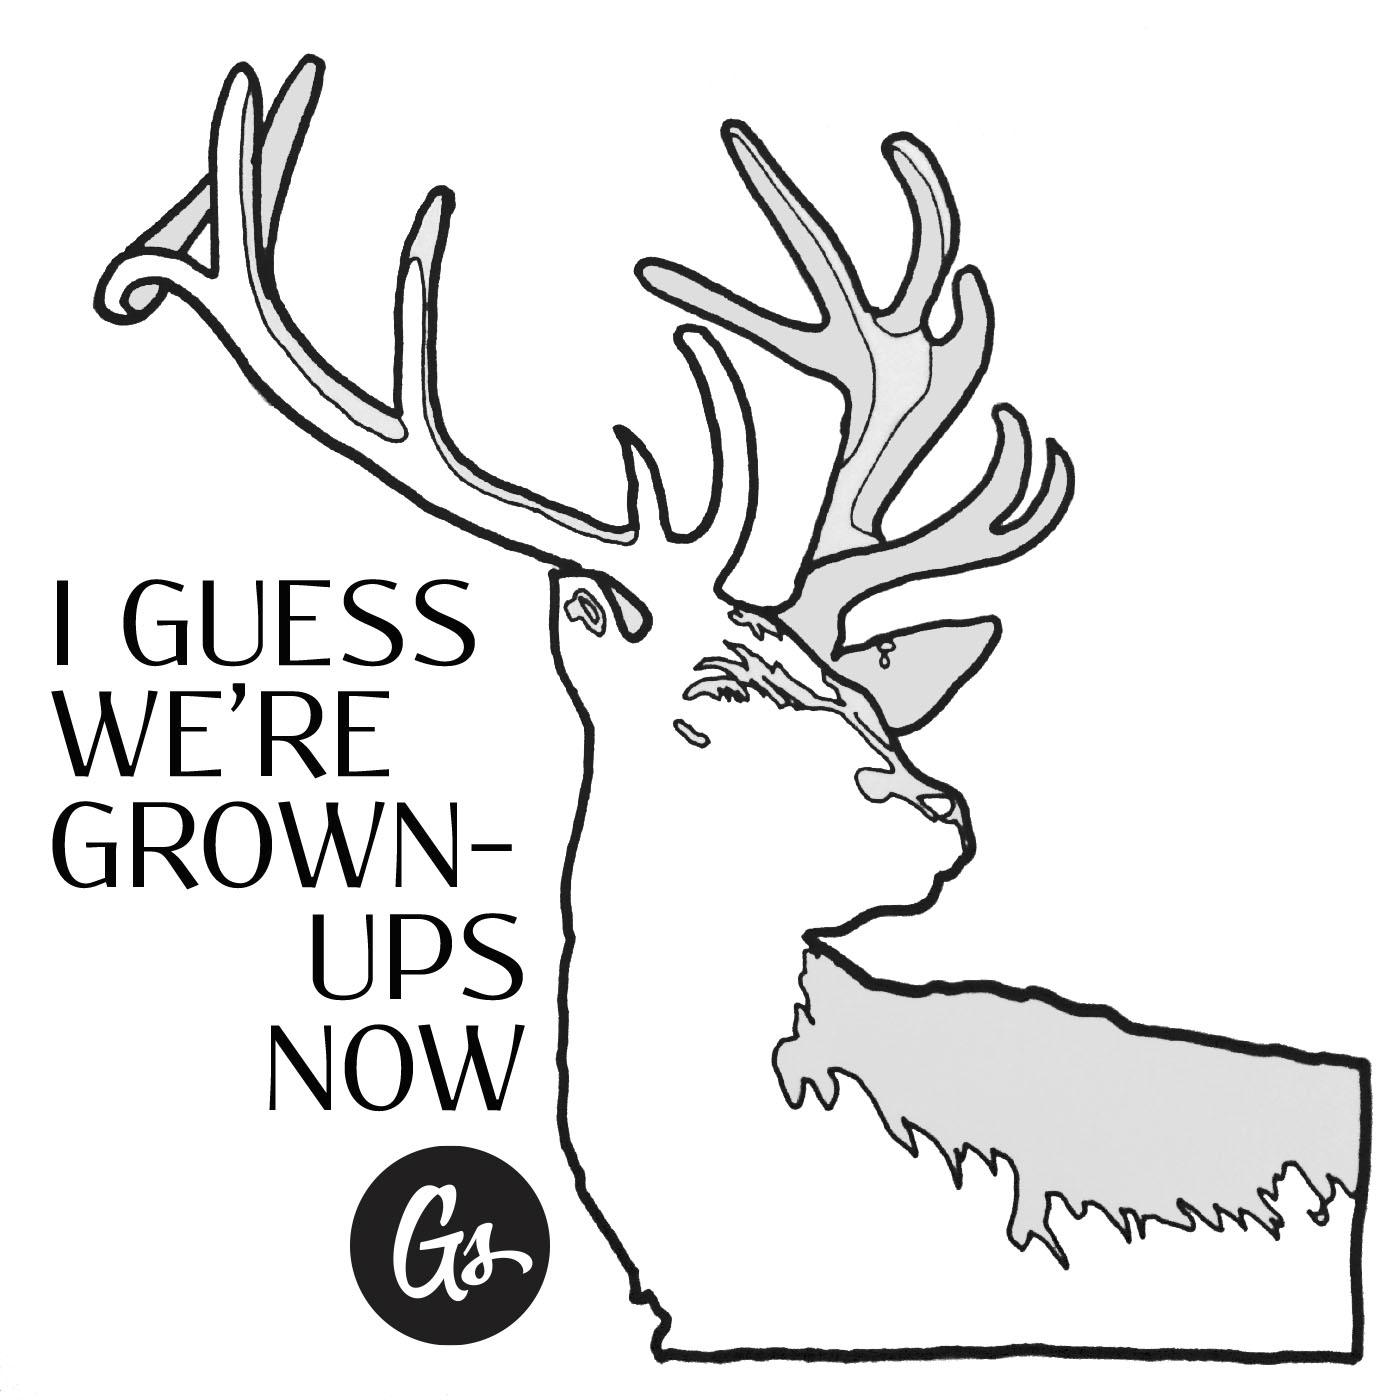 Grownups artwork